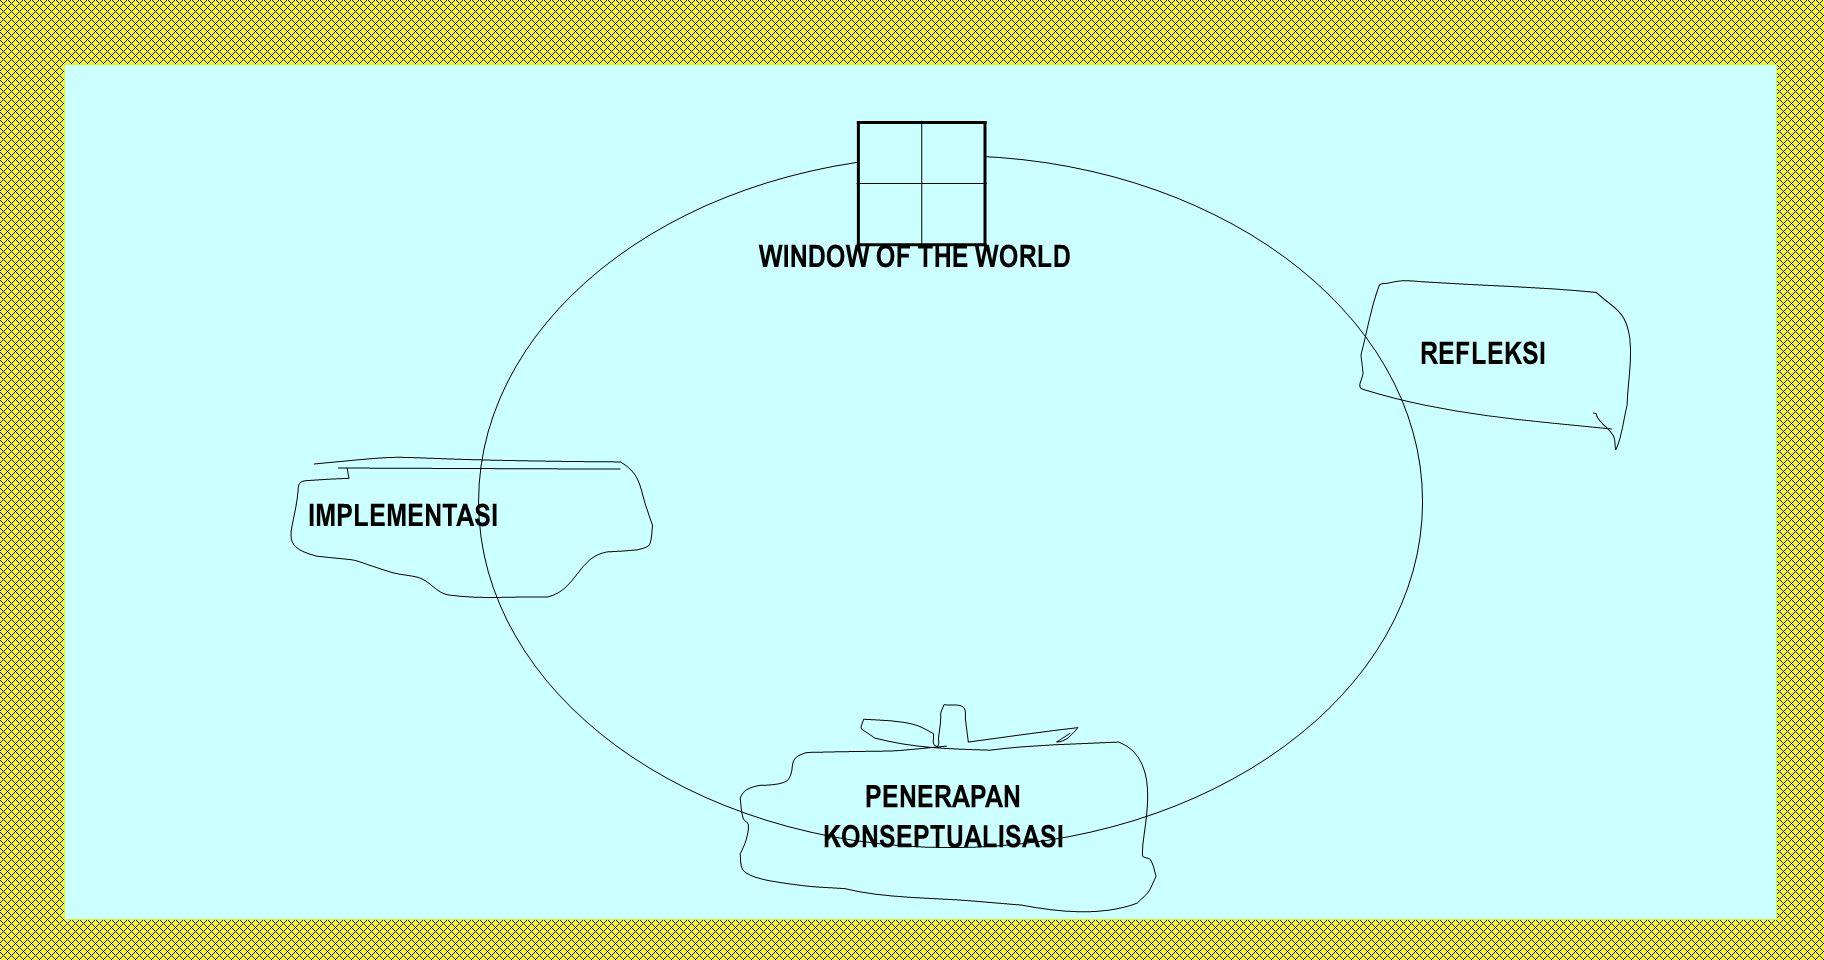 METACOGNITION MELIPUTI 4 JENIS KETERAMPILAN (Preisseisen) 1.KETERAMPILAN MENGATASI MASALAH 2.KETERAMPILAN PENGAMBILAN KEPUTUSAN 3.KETERAMPILAN BERPIKIR KRITIS 4.KETERAMPILAN BERPIKIR KREATIF METACOGNITION MERUPAKAN KETERAMPILAN DALAM MENGATUR DAN MENGONTROL PROSES BERPIKIR REFLECTION IN ACTION: REFLEKSI PENGALAMAN PRAKTIS PROFESIONAL DALAM MENGATASI MASALAH UNTUK MENGATASI MASALAH BARU.